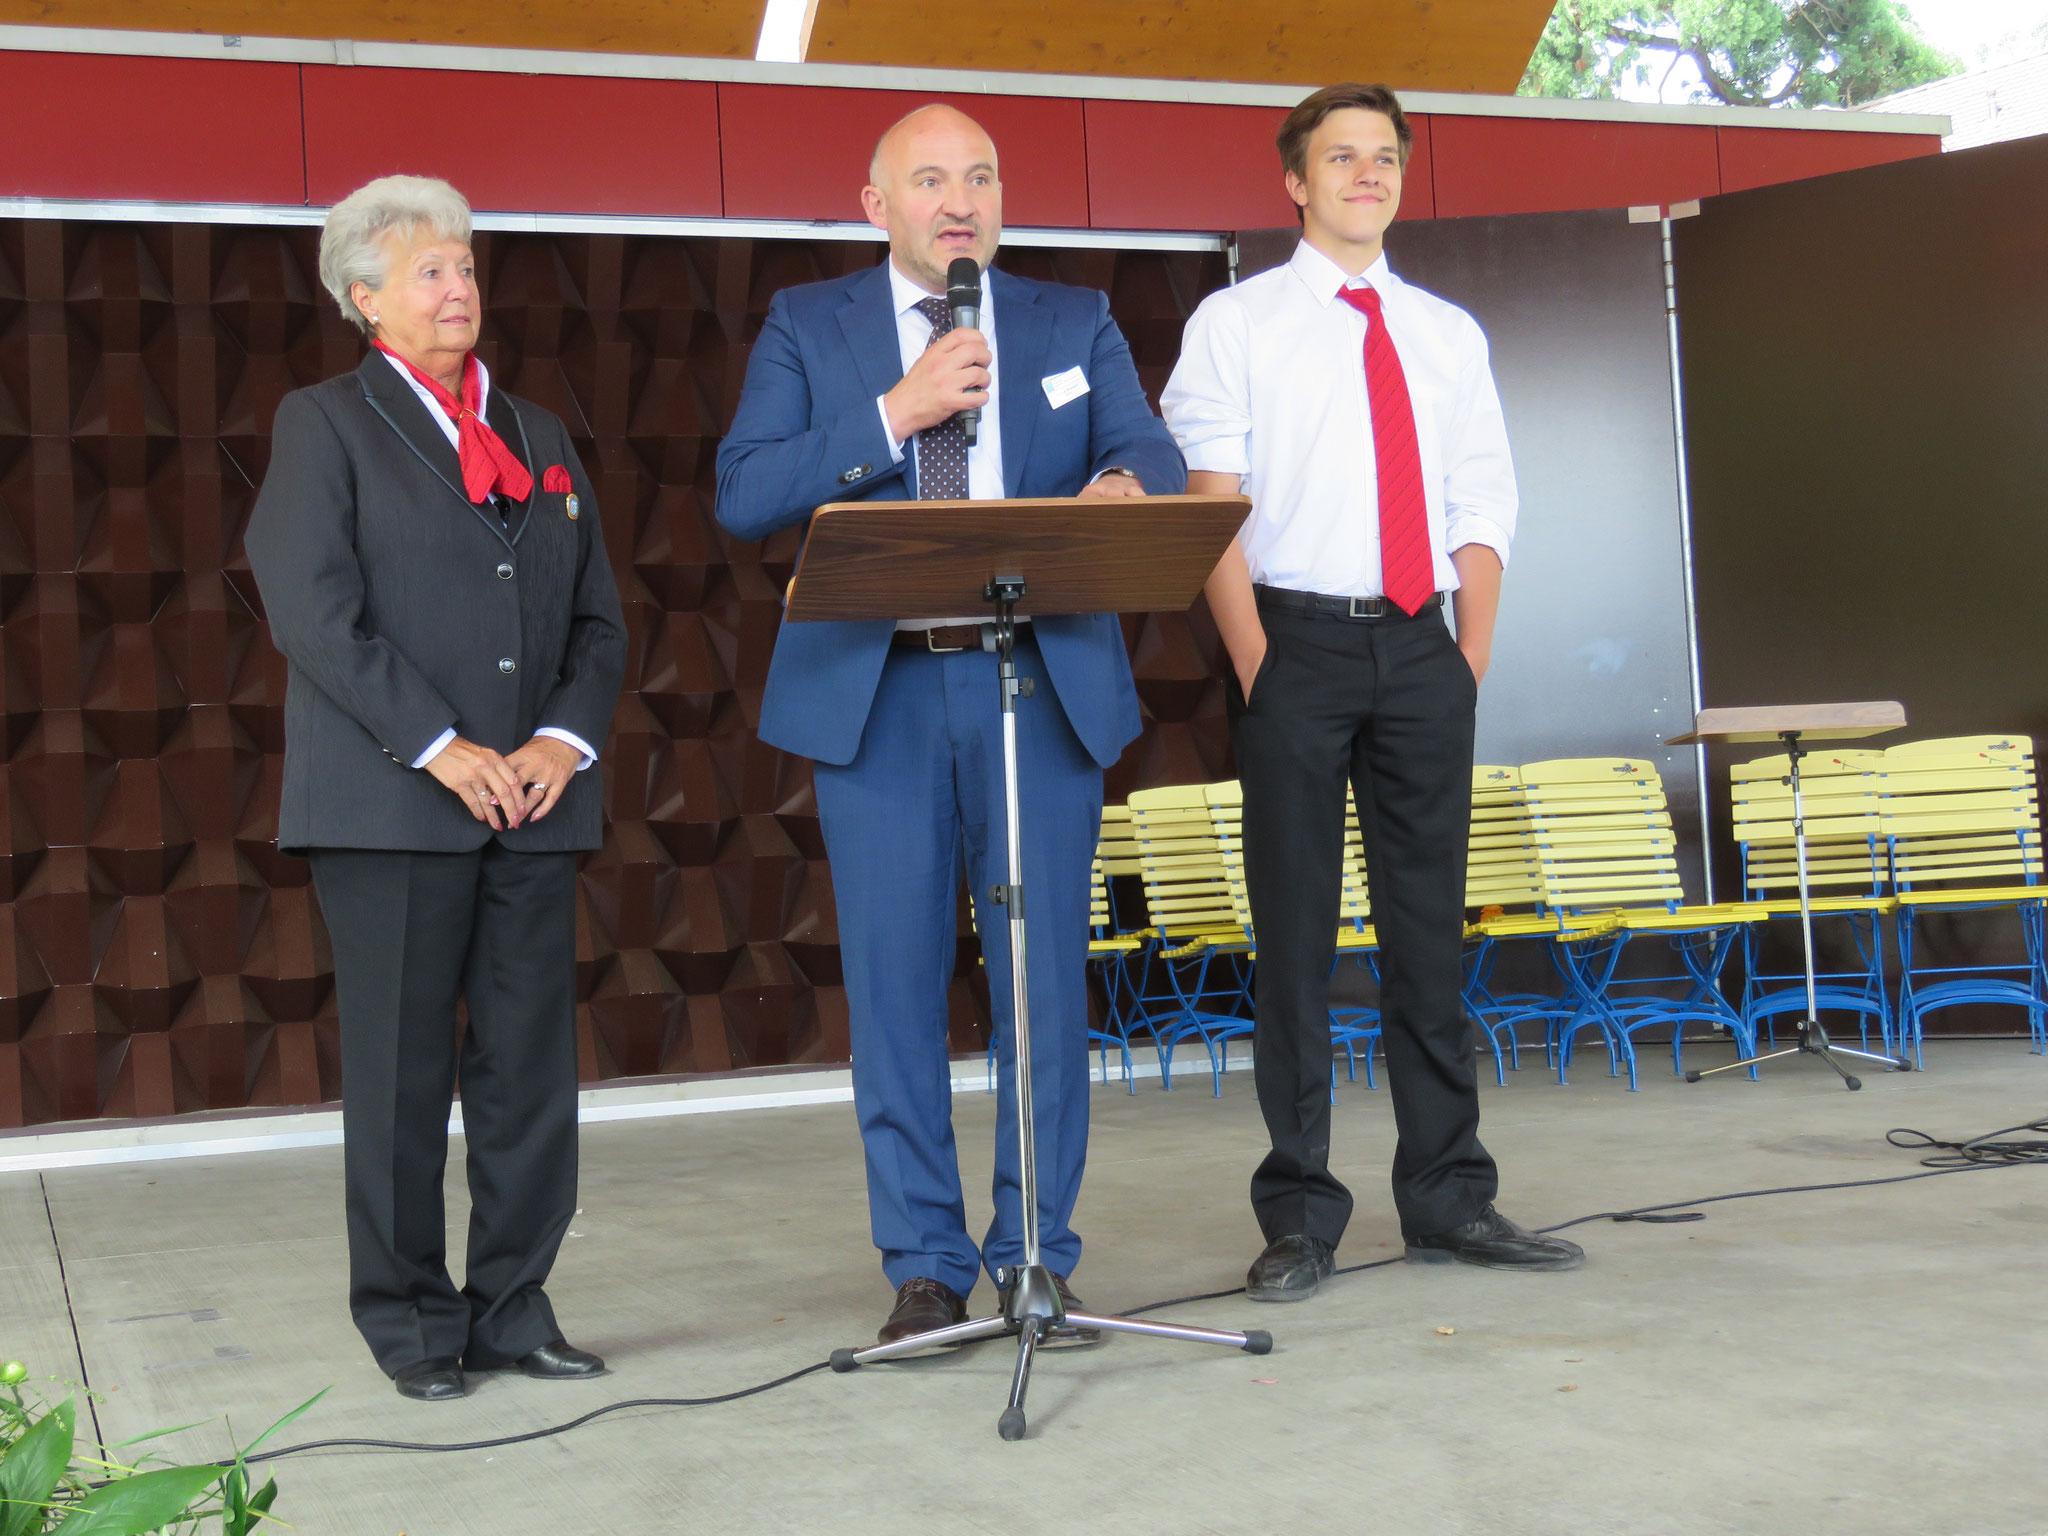 Ein Vertreter des Luzerner Kantonalen-Blasmusikverbandes hielt seine Rede mit Hilfe von zwei Mitgliedern der Feldmusik.